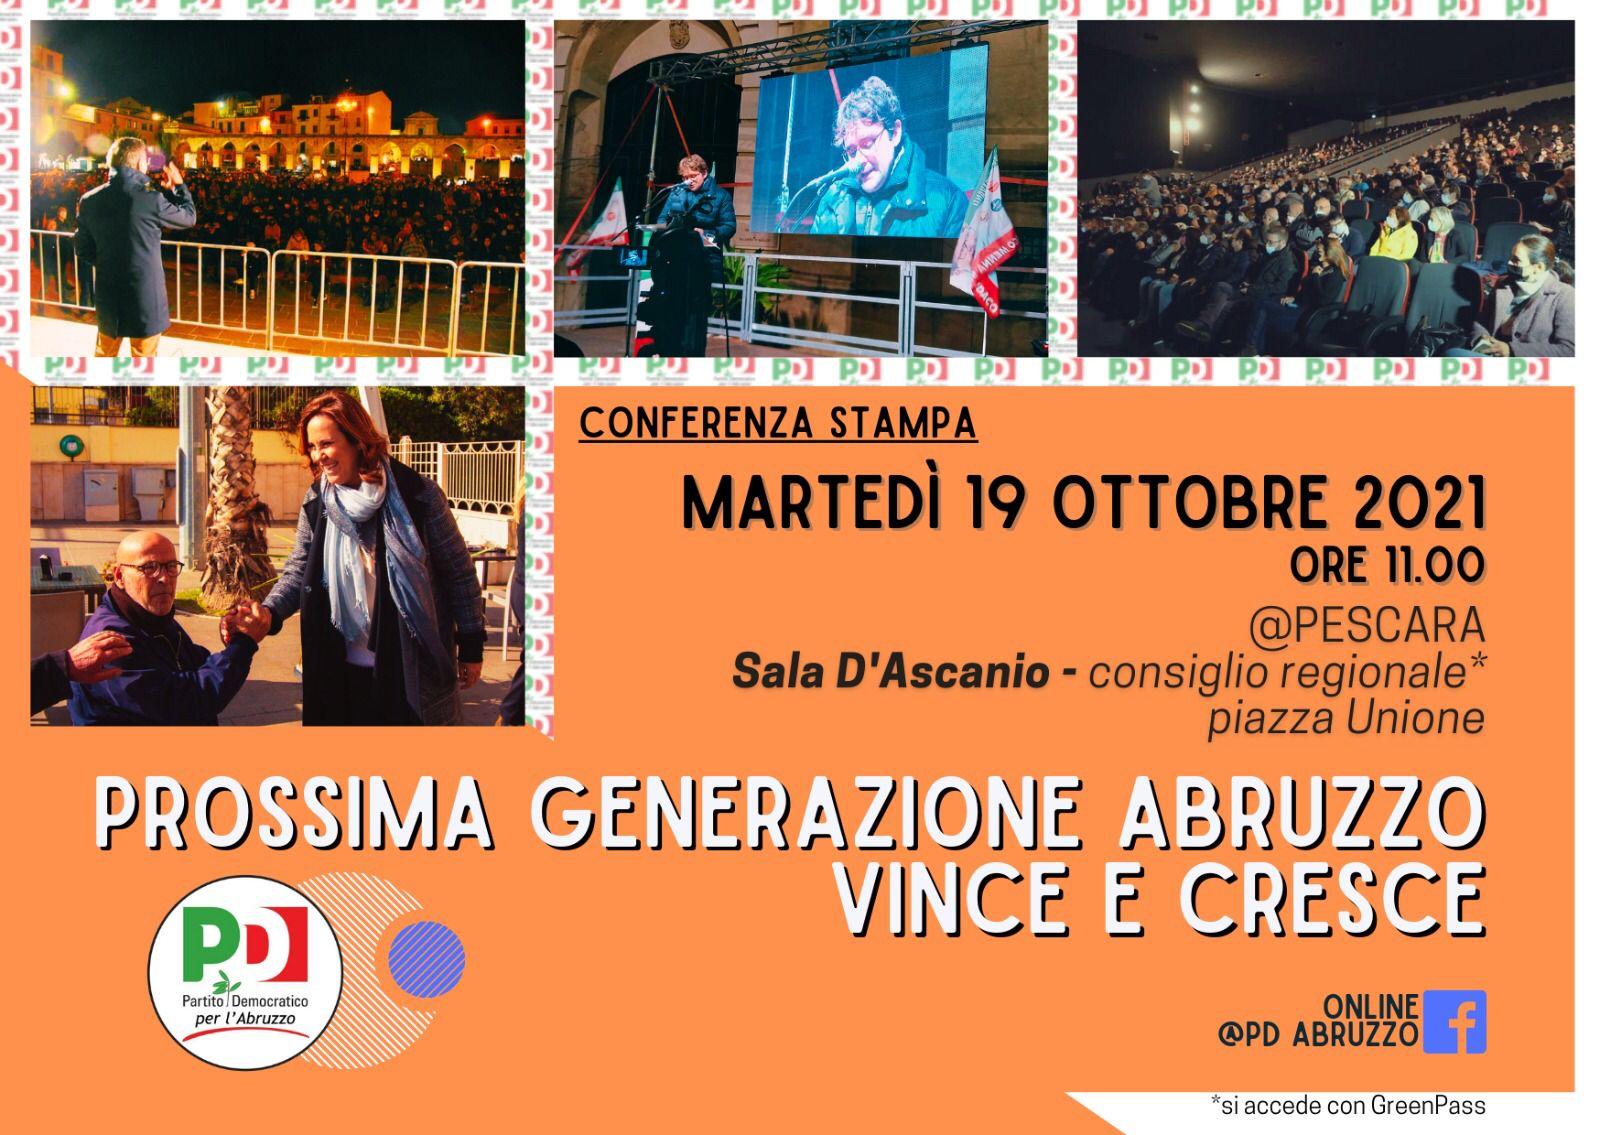 """Ballottaggi, Fina: """"Ha vinto con il Centrosinistra la Prossima Generazione Abruzzo, con la concretezza delle idee di città. Avviso di sfratto per Marsilio. Idea di Pd come Agorà inclusiva di Letta è la giusta chiave"""""""